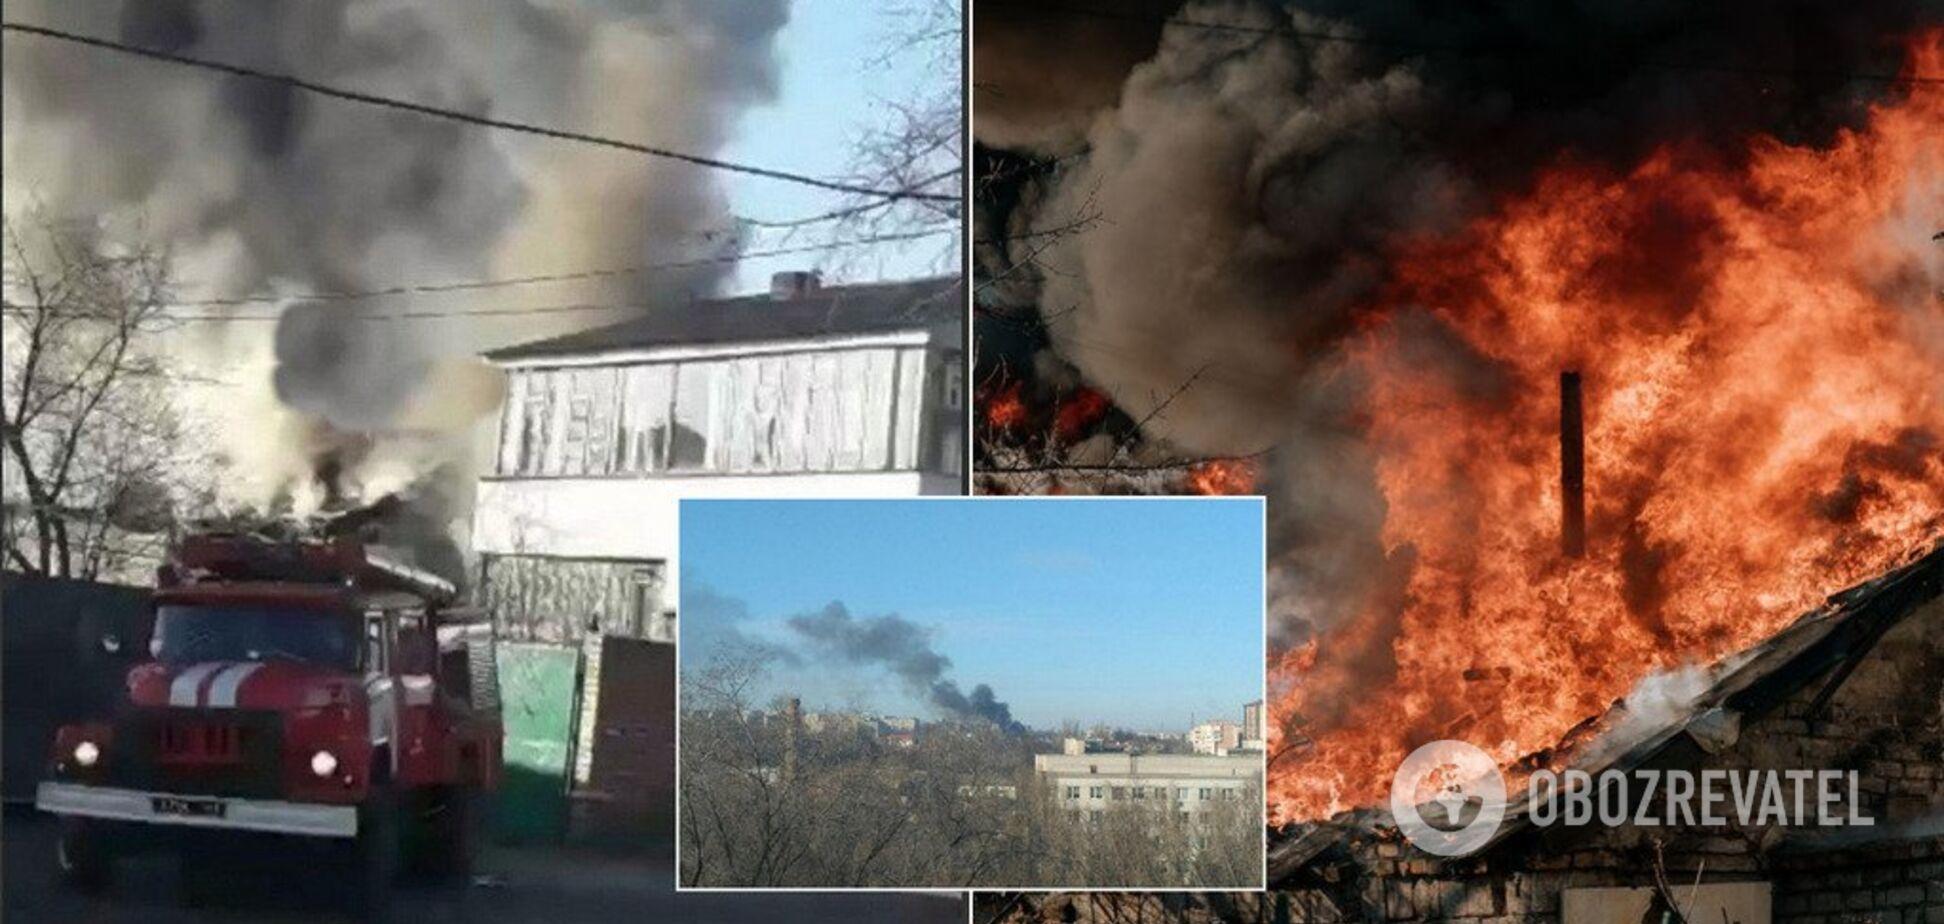 Днепр окутал густой дым из-за пожара: жуткие фото и видео